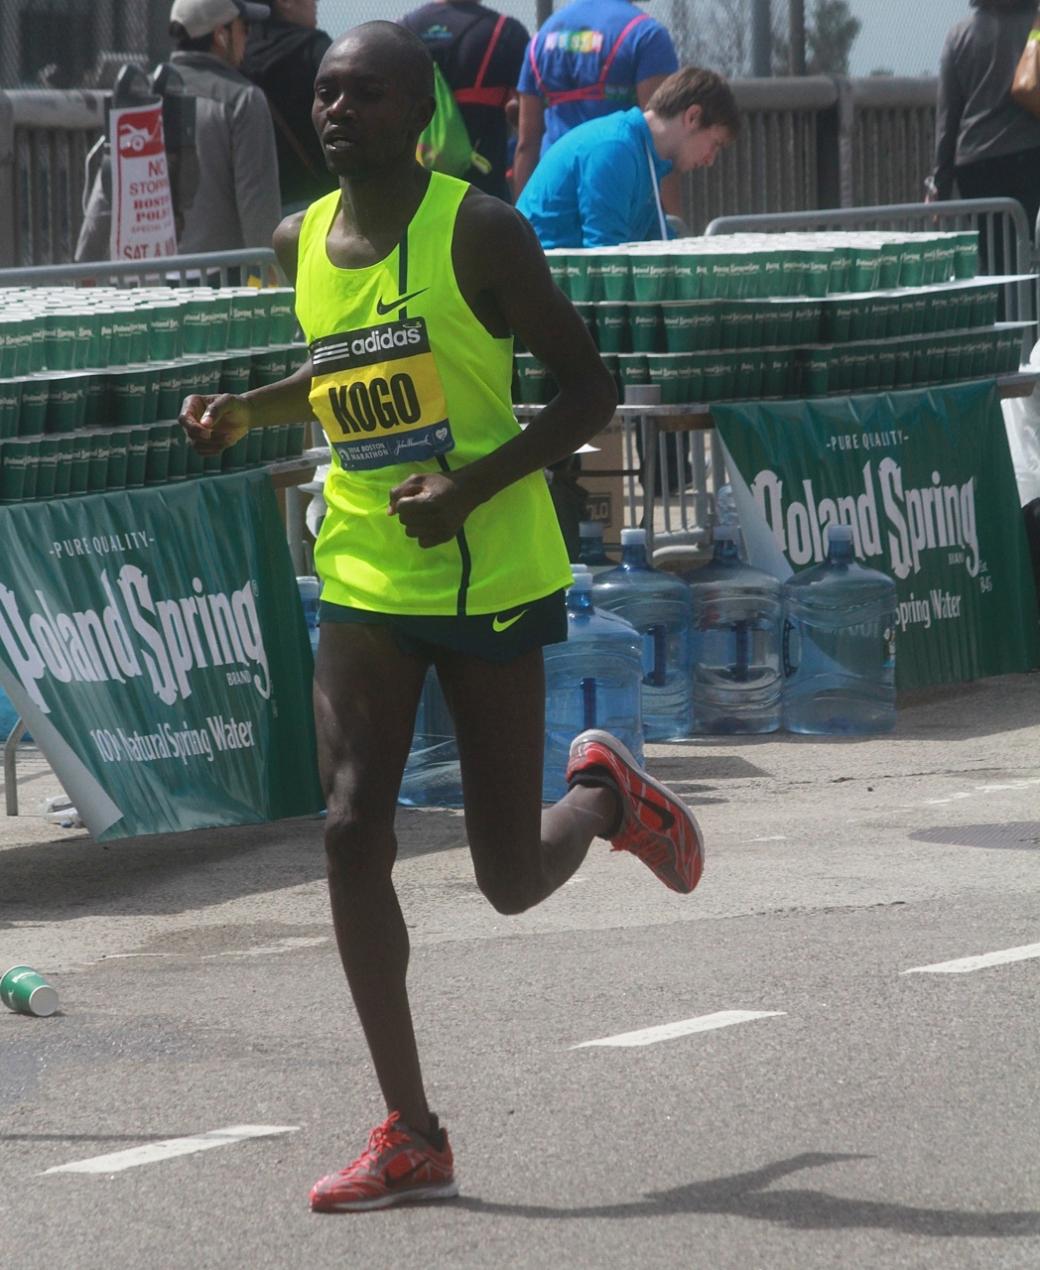 boston marathon april 21 beacon street elite runners micah kogo